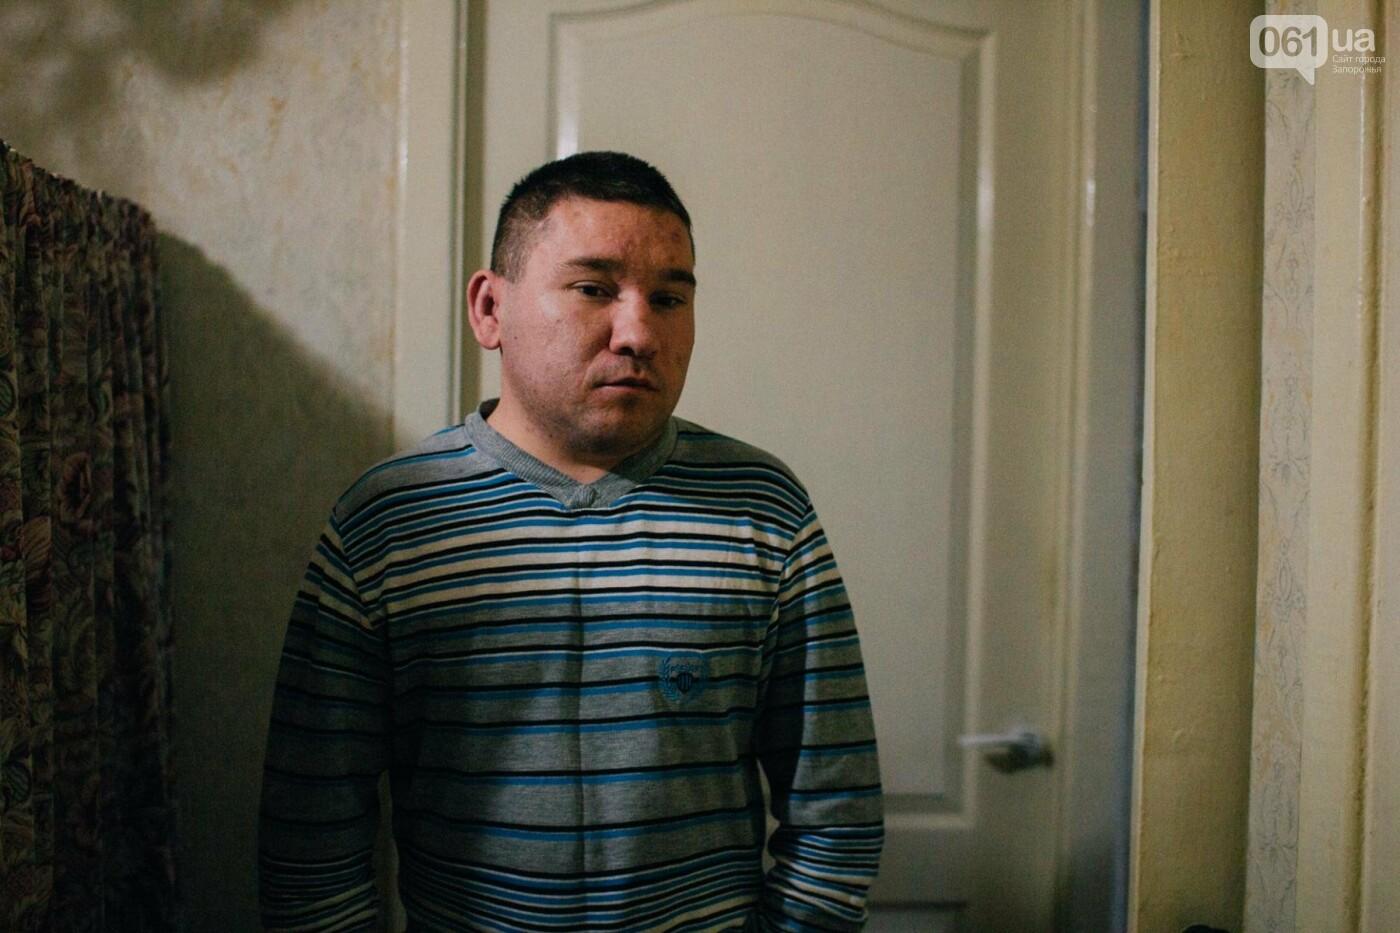 «Я не помню своего лица»: история запорожца, который очень хочет снова видеть, фото-2